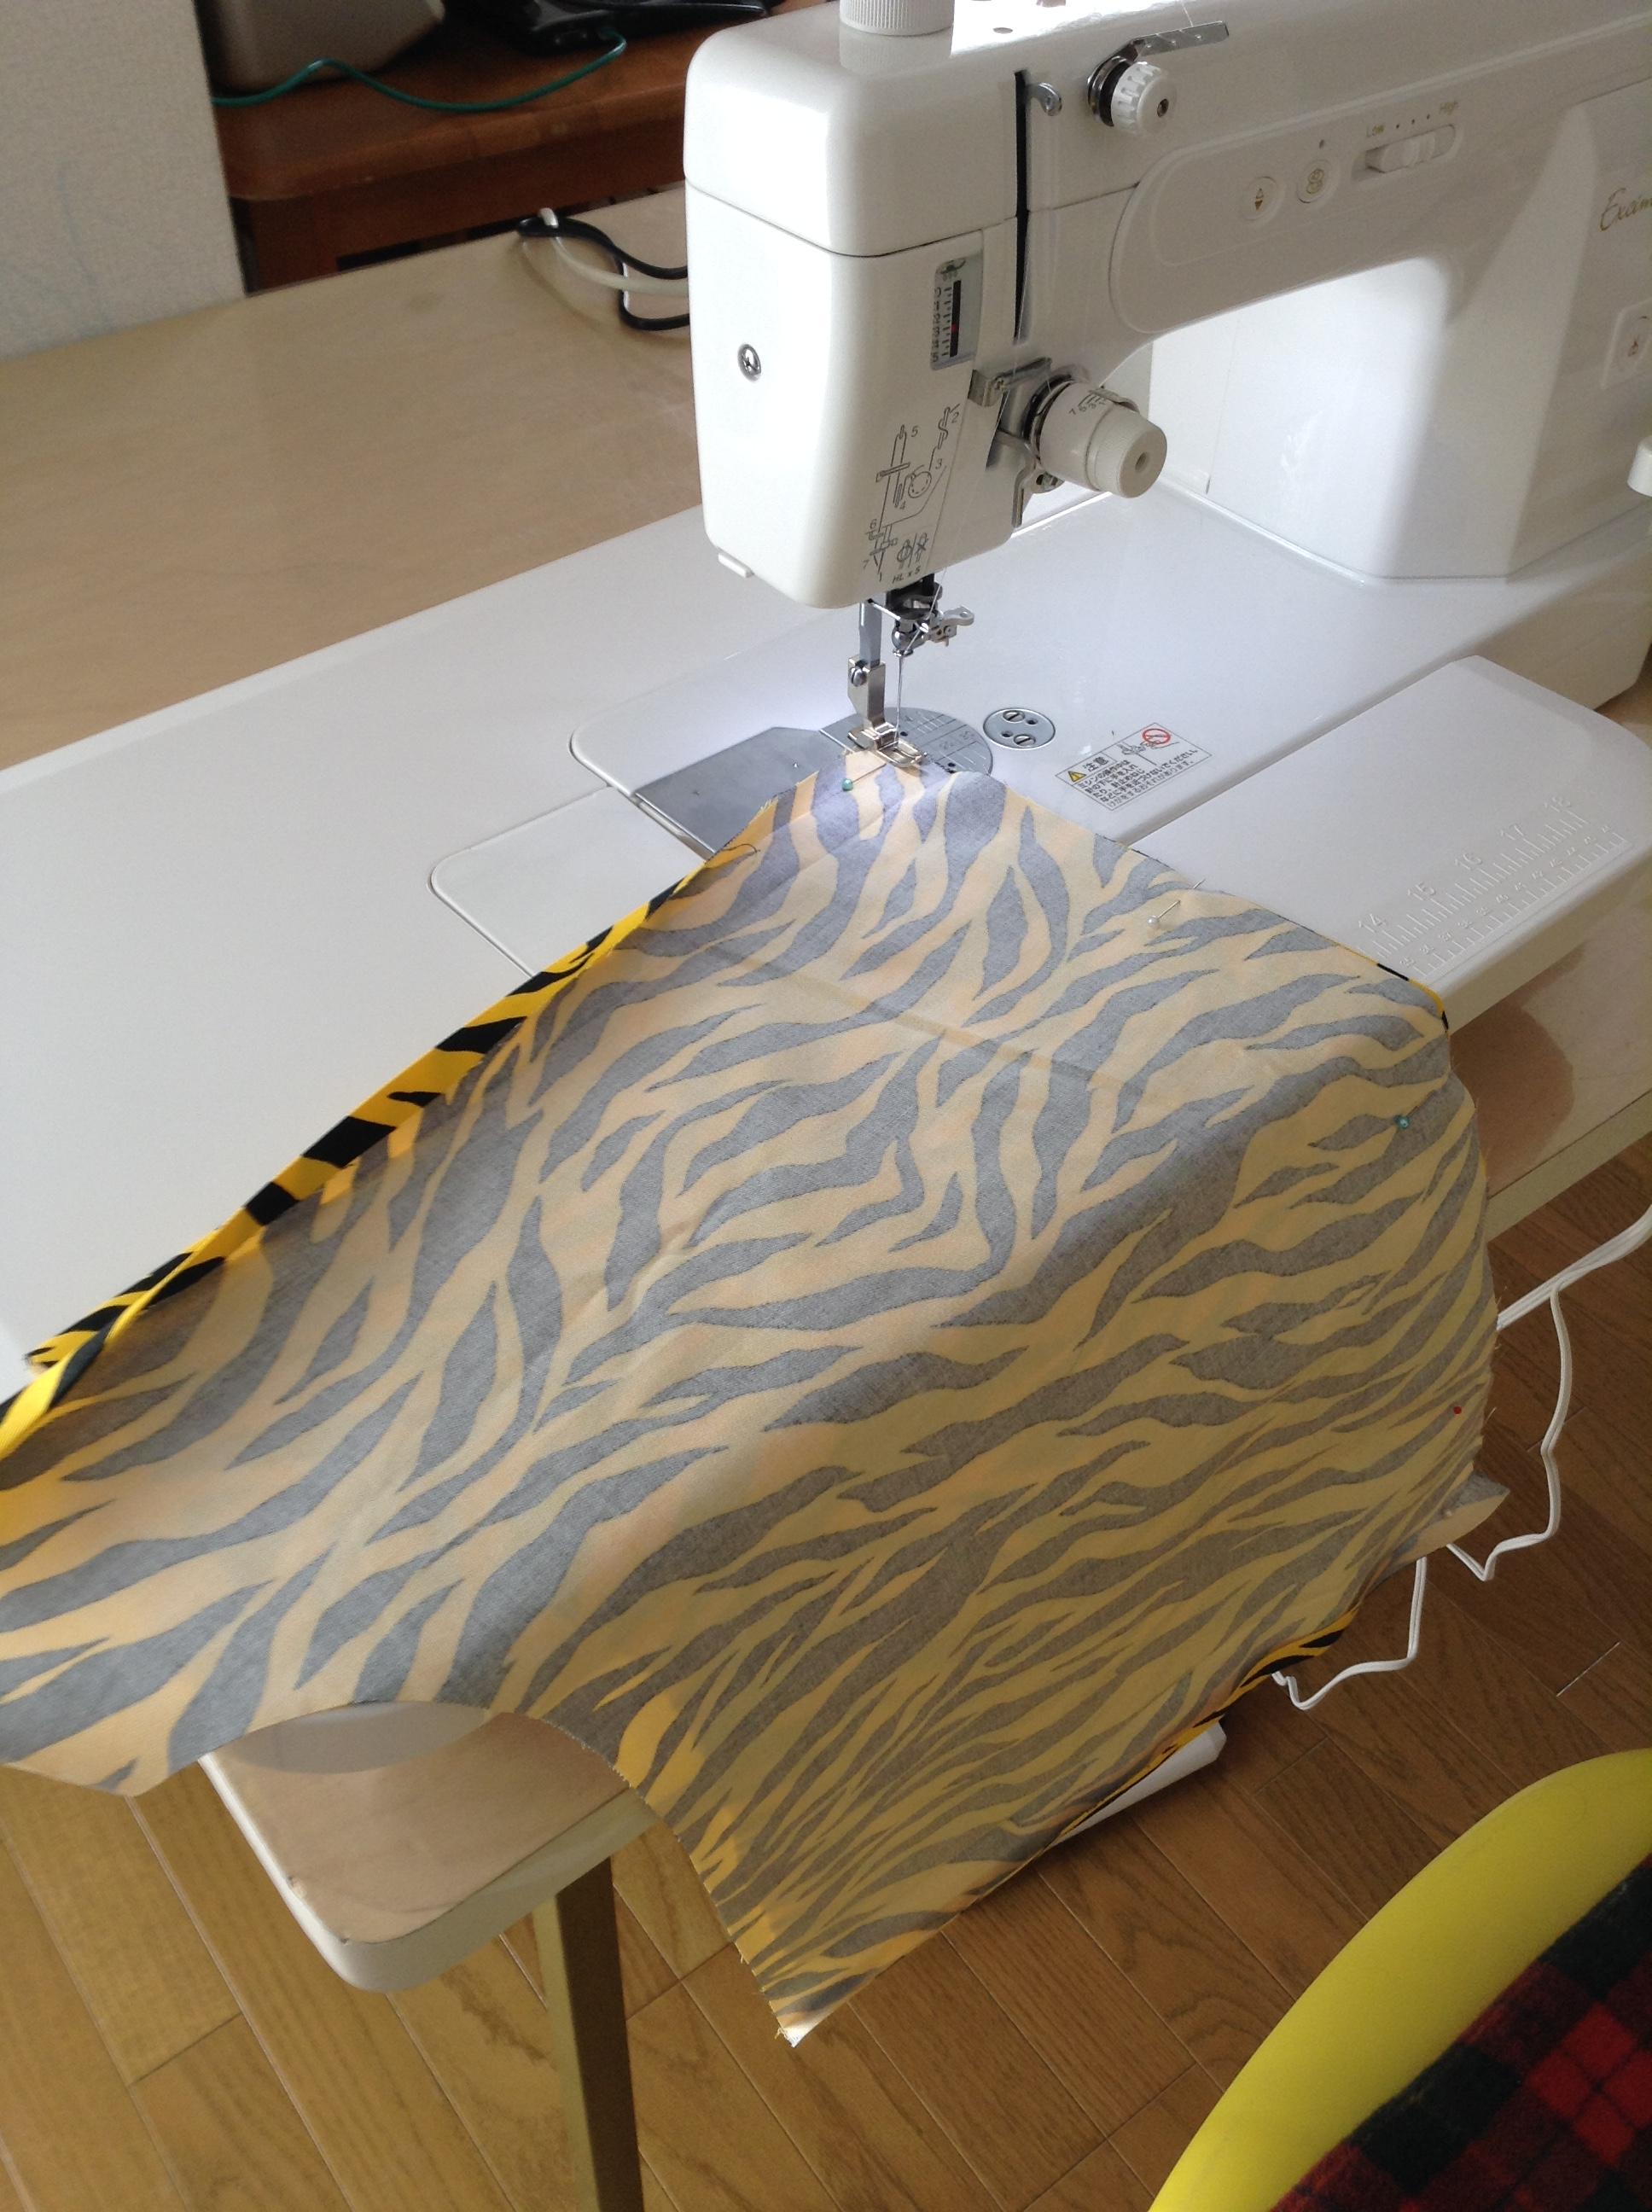 職業用ミシン・エクシムプロで節分の鬼のパンツを製作